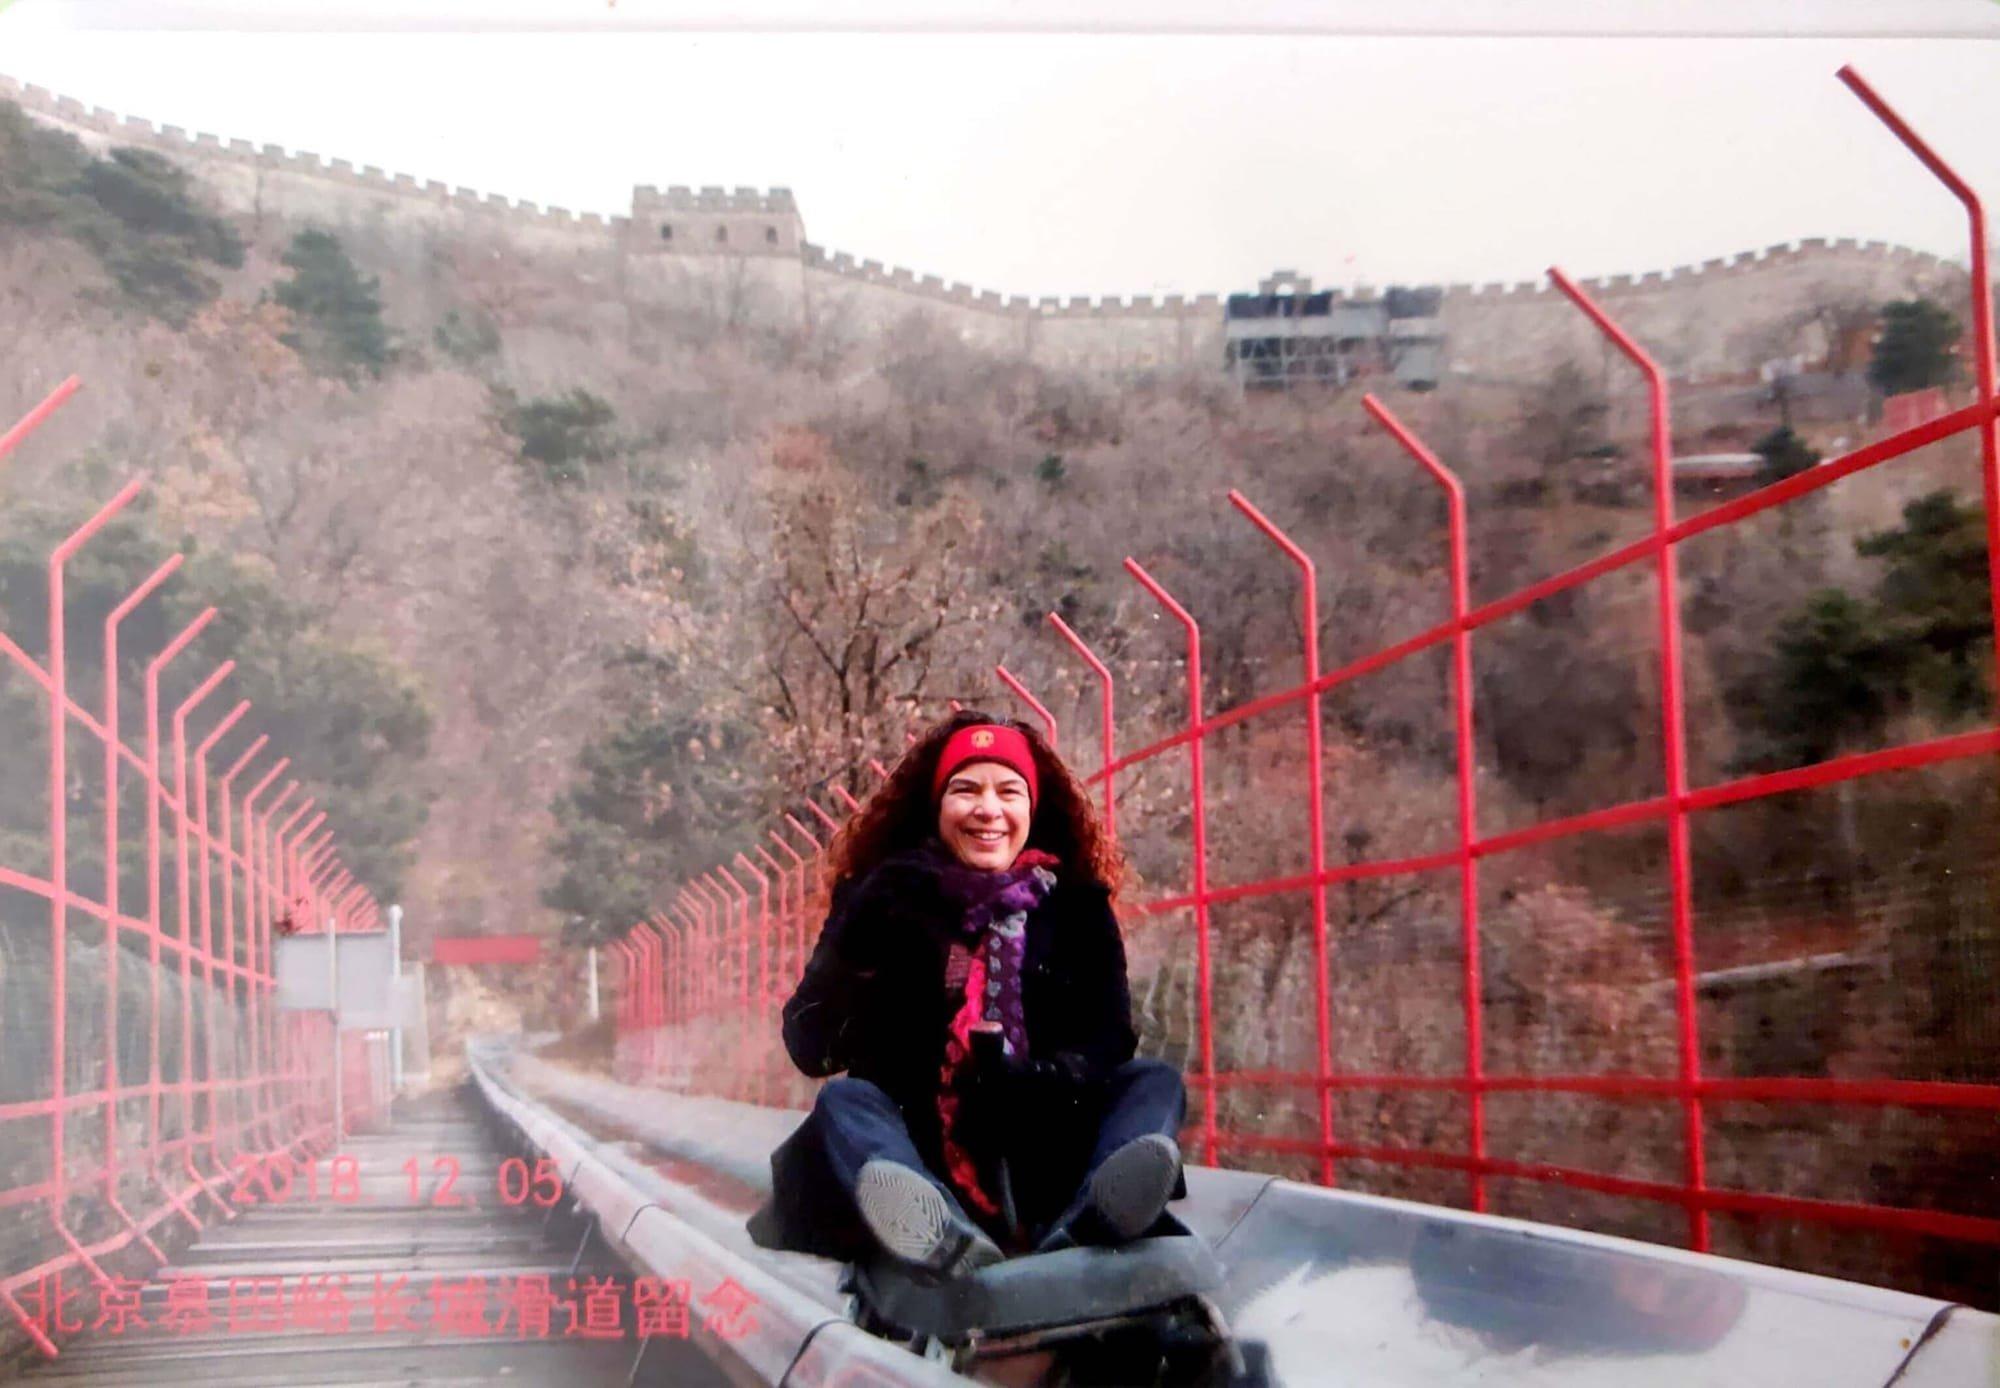 רוית רדיאן, בין ים ושמיים, אימון, שינוי, החומה הסינית, בייג'ין